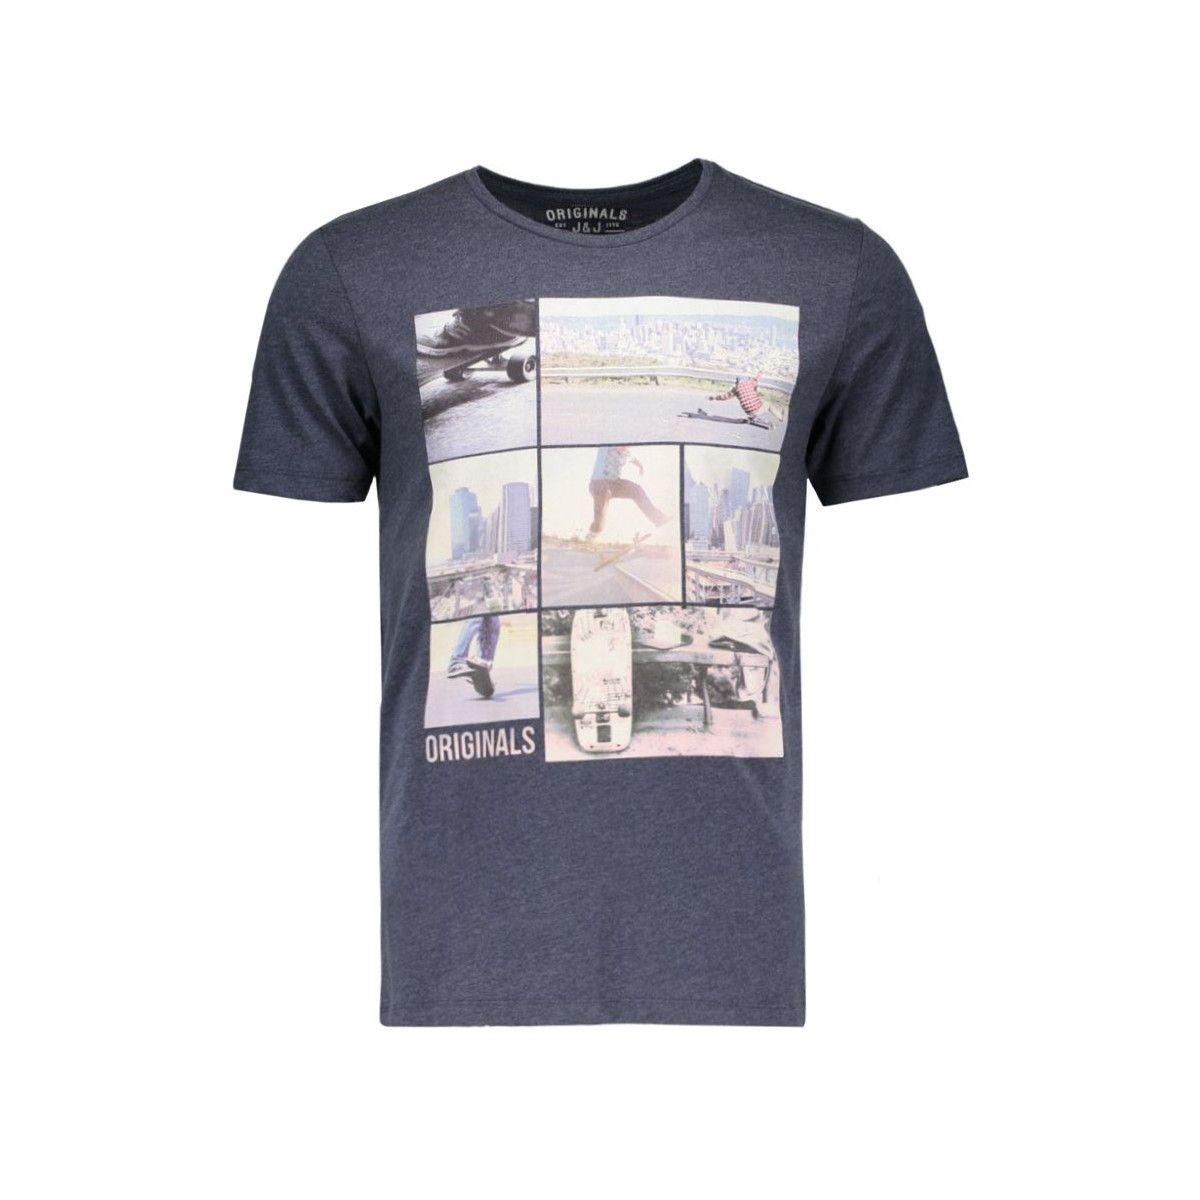 on sale 306af da6d9 Jack & Jones online shop - Jeans in 2019 | MY DESIGN ON WEB ...